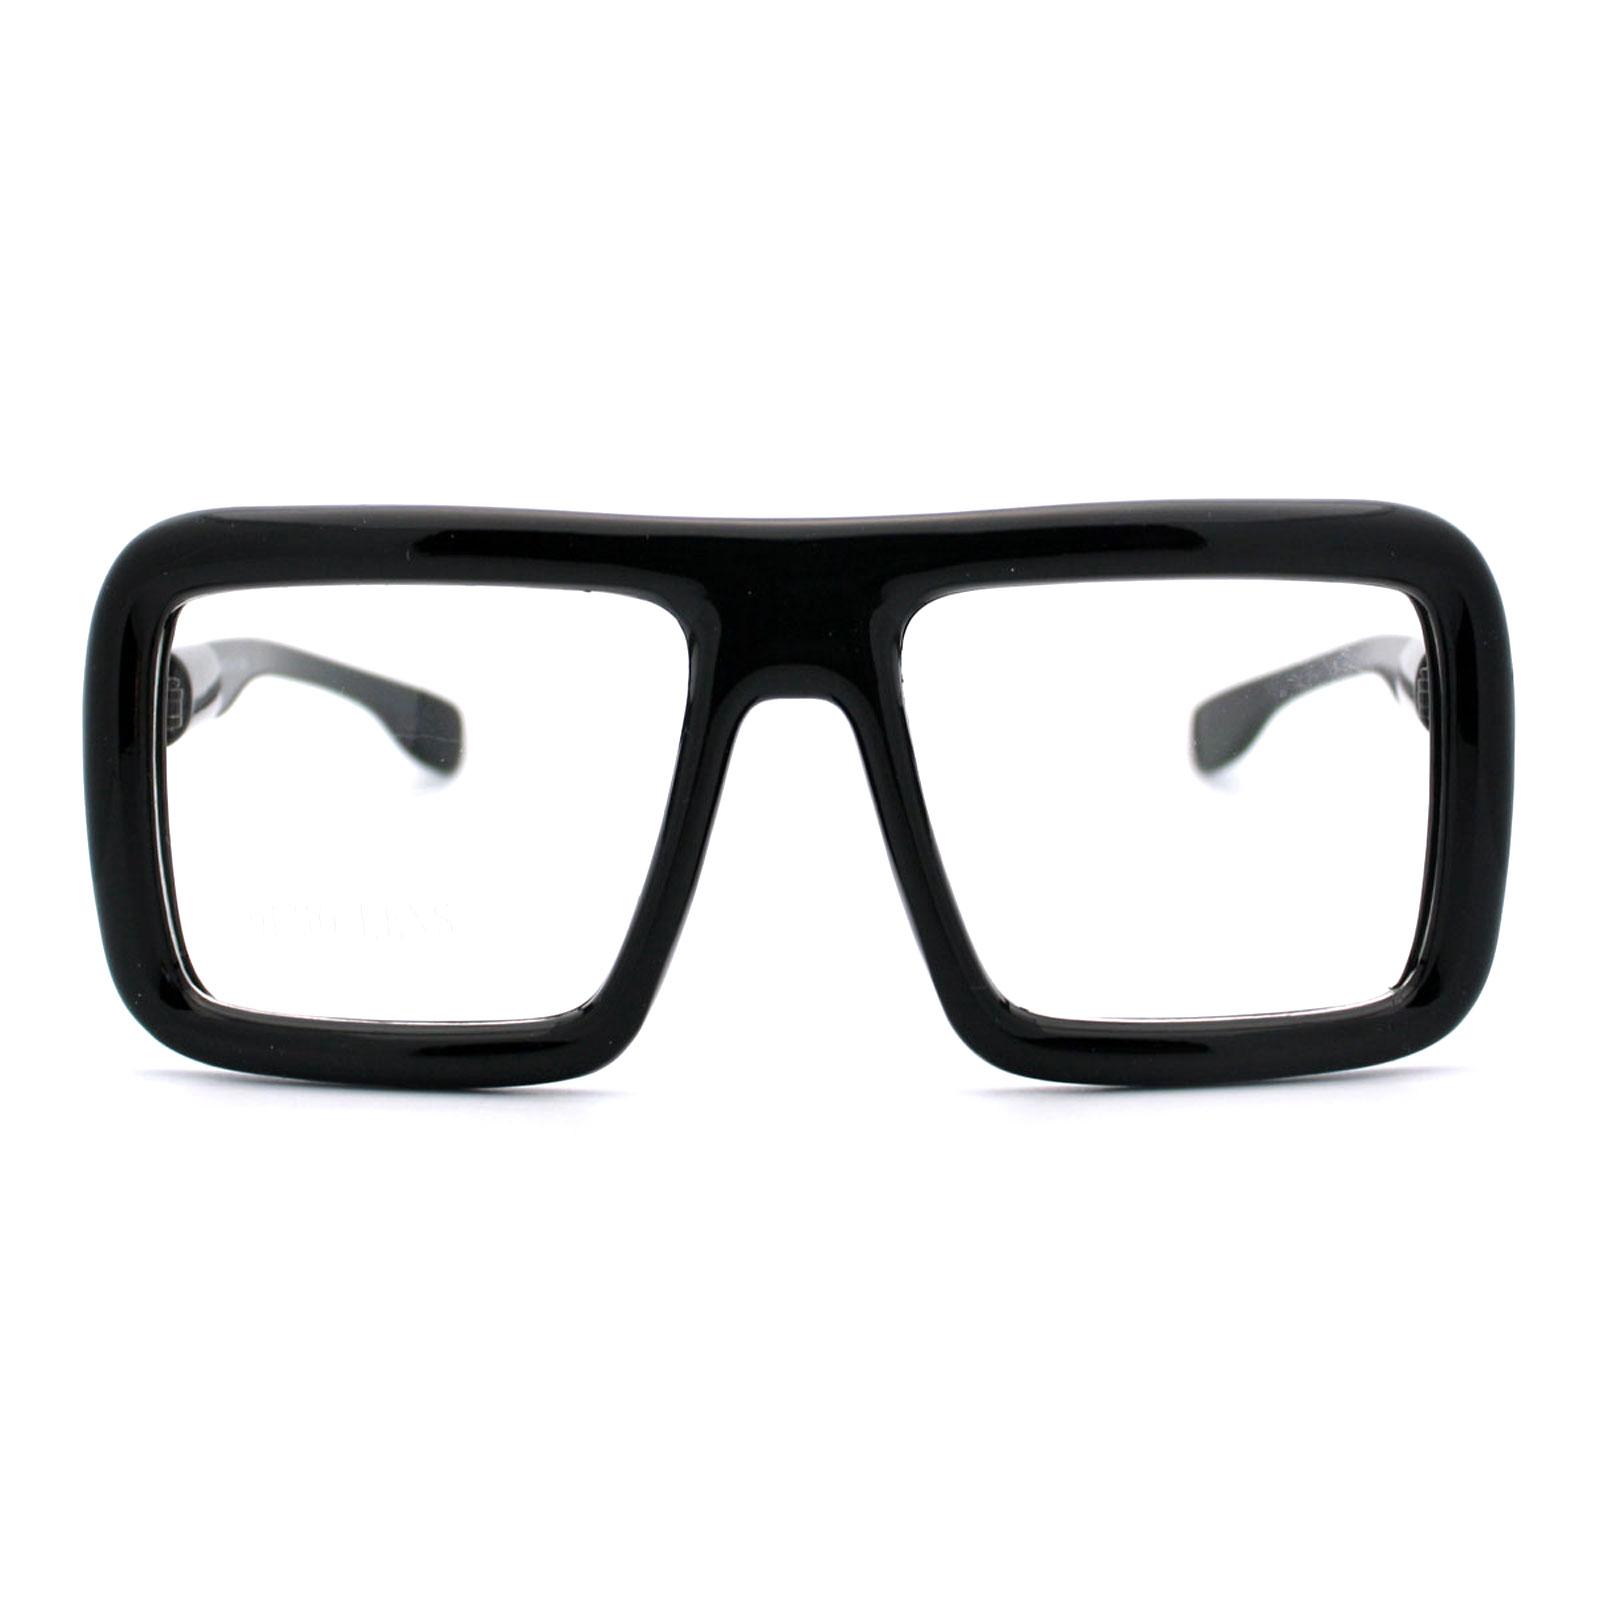 Runway Heavy Plastic Frame Rectangular Geeky Optical Eye Glasses   eBay